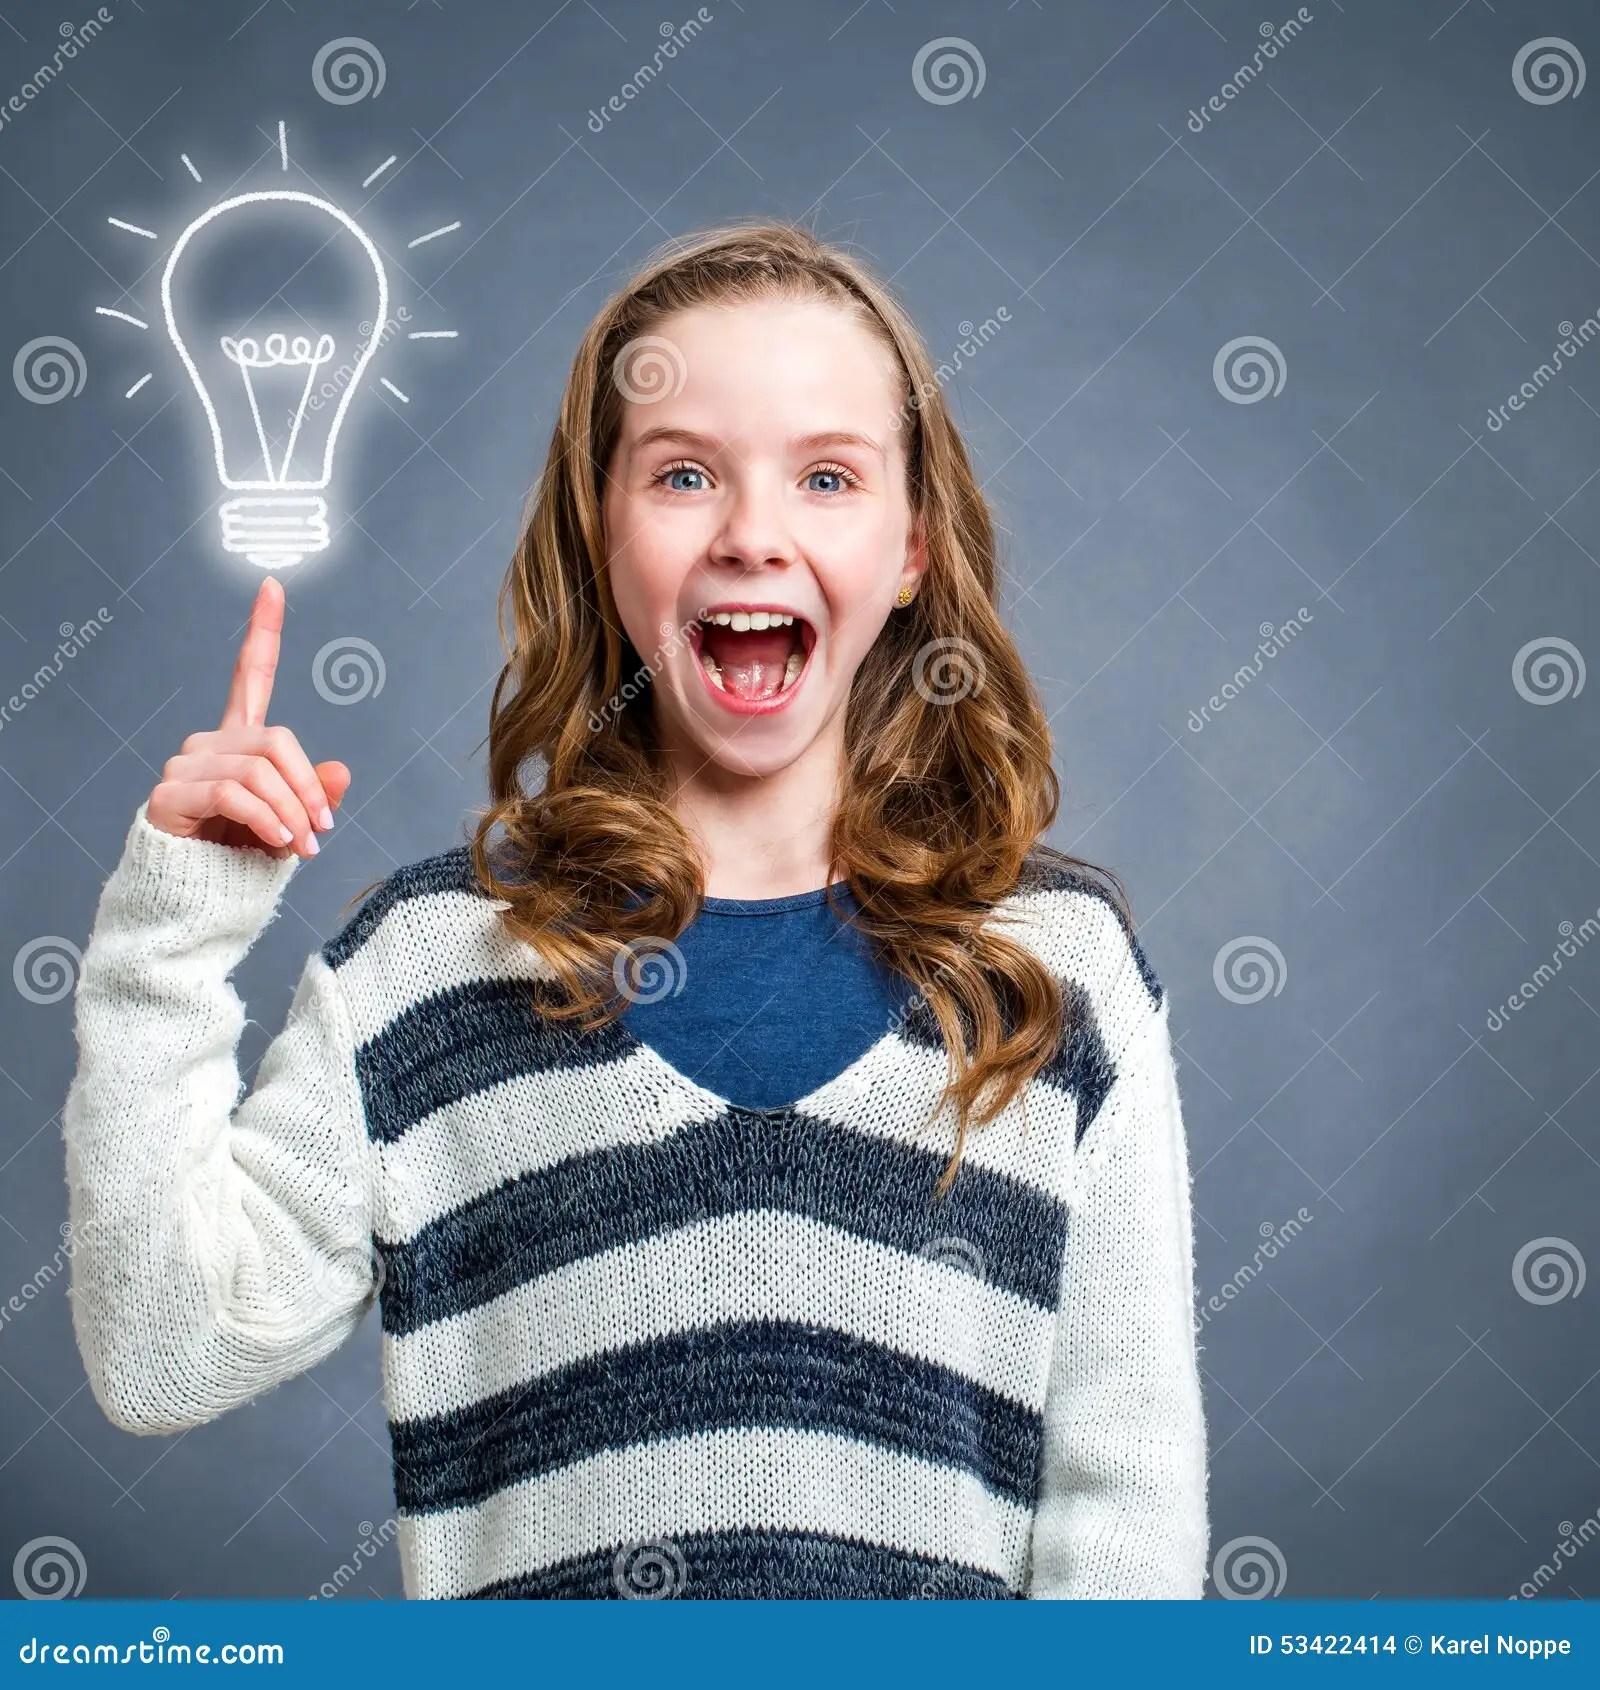 Mr Light Bulb